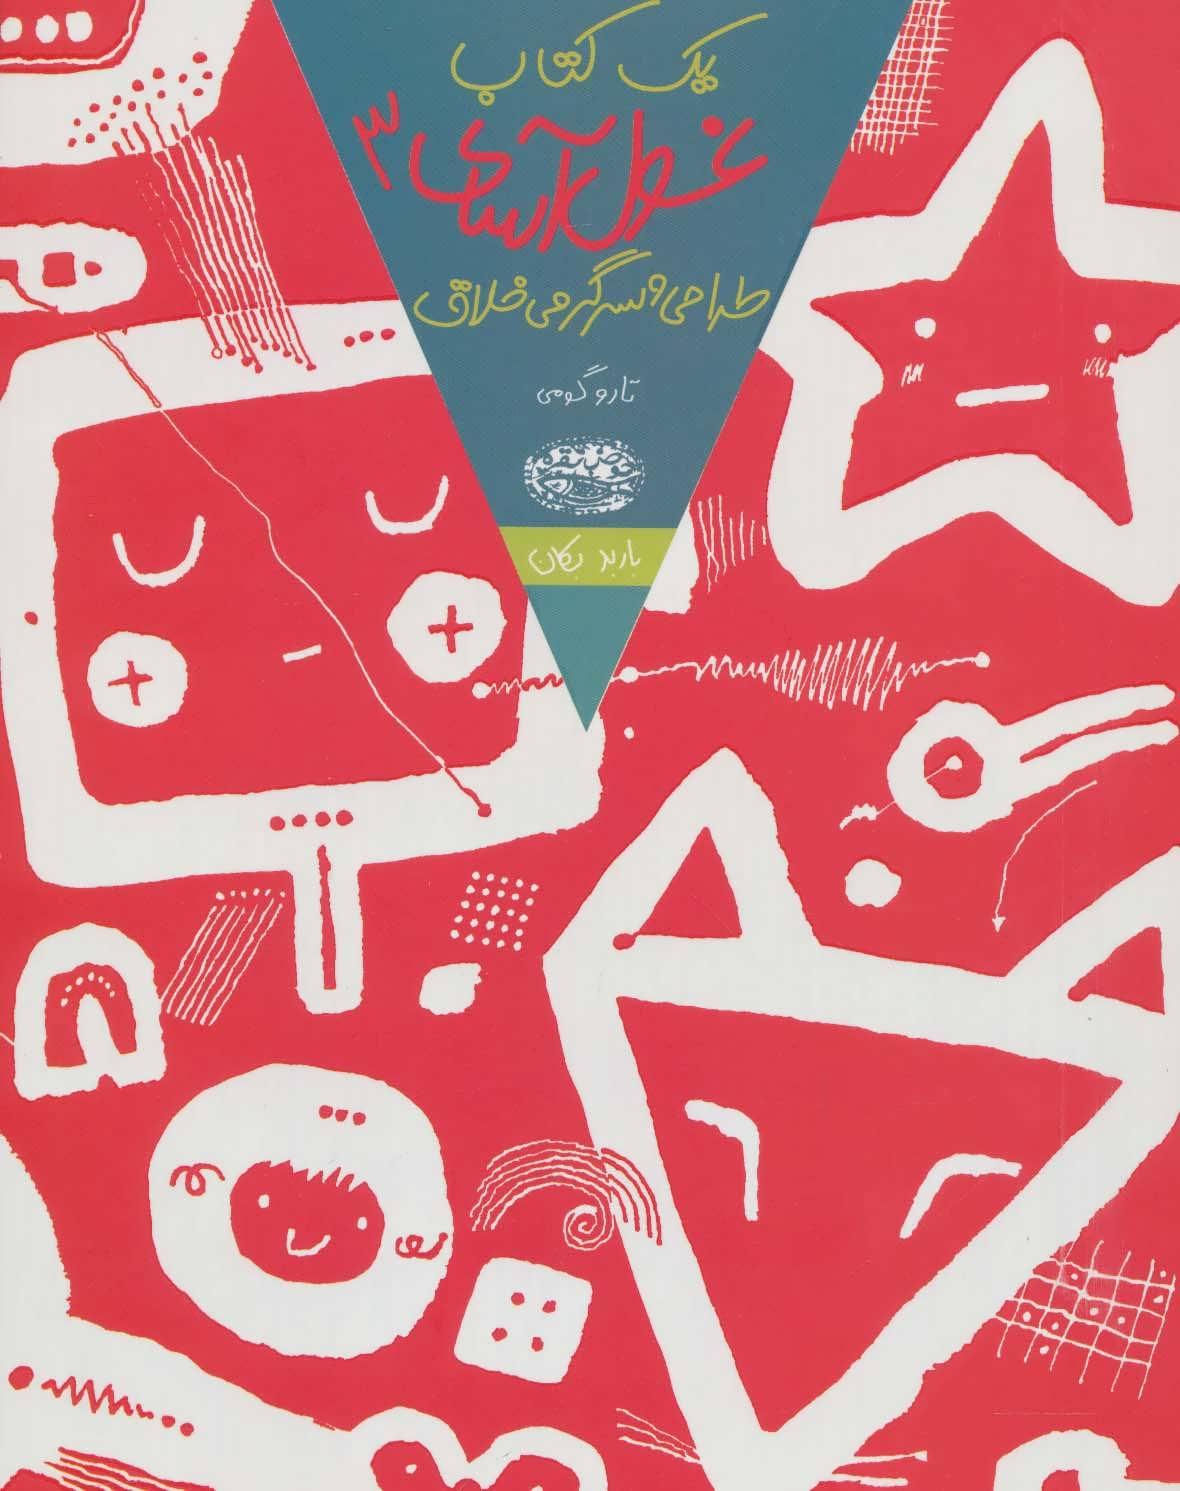 یک کتاب غول آسای طراحی و سرگرمی خلاق 3